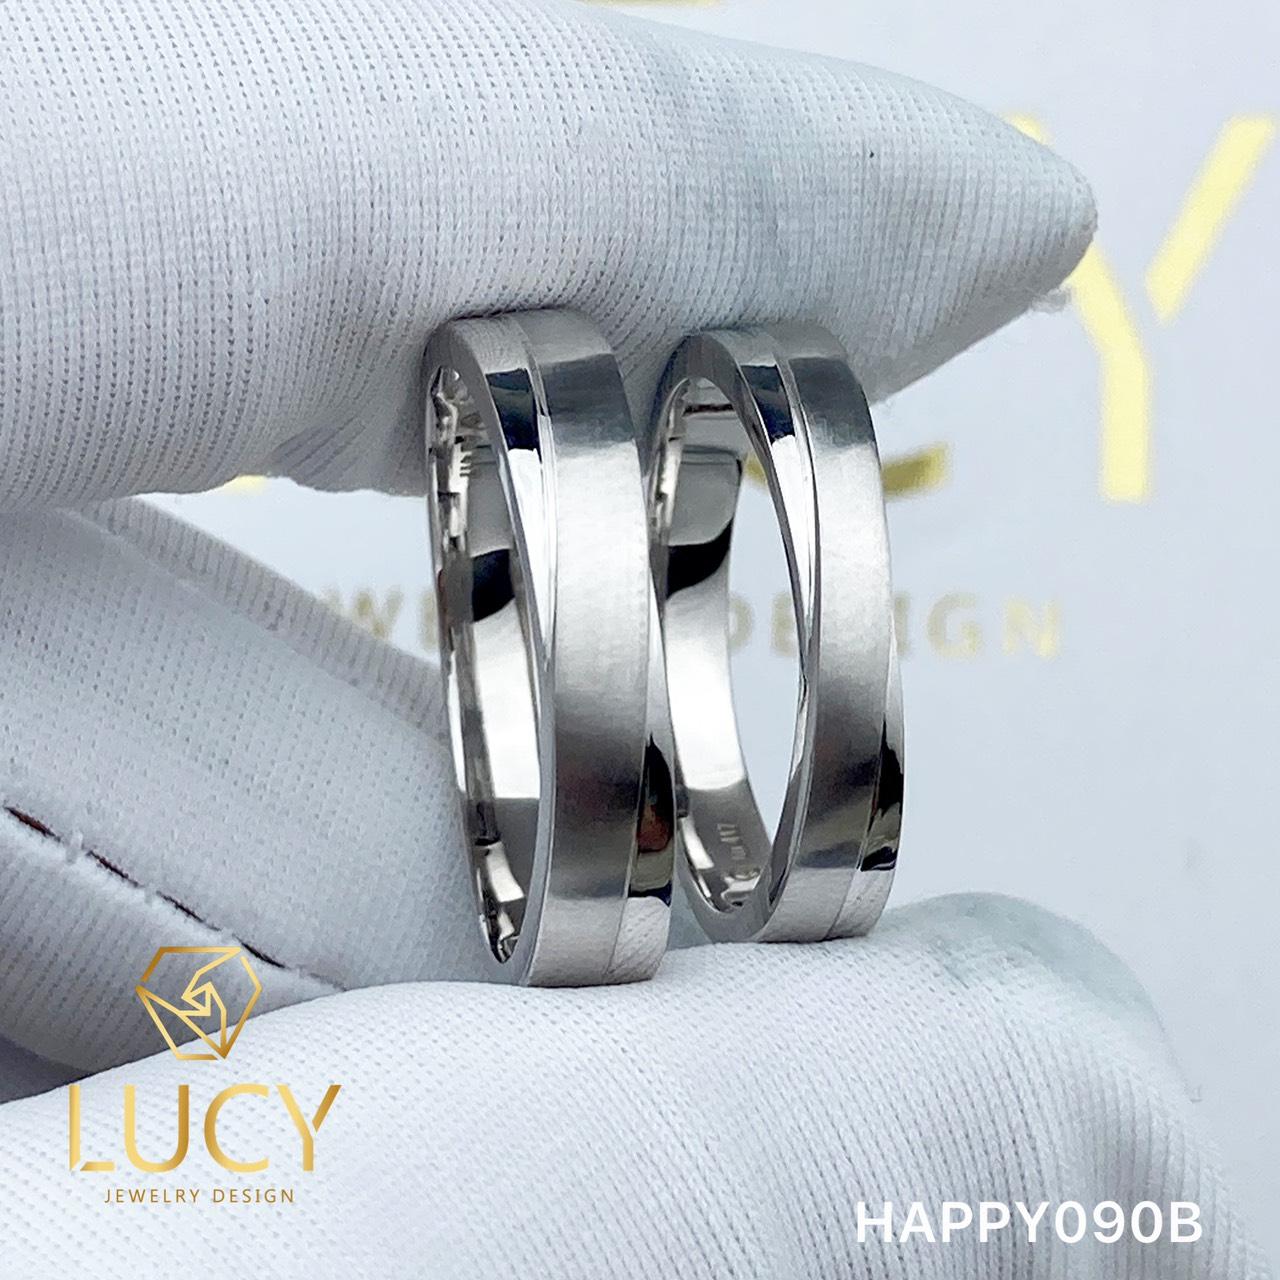 HAPPY090B Nhẫn cưới đẹp vàng tây, vàng trắng, vàng hồng 10k 14k 18k, Bạch Kim Platinum PT900 đính CZ, Moissanite, Kim cương - Lucy Jewelry